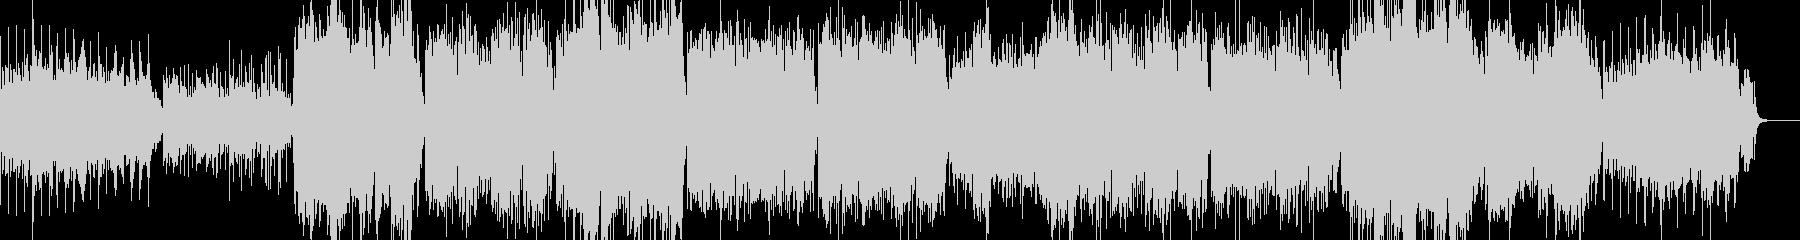 太鼓と尺八を使った軽快なエレクトロニカの未再生の波形